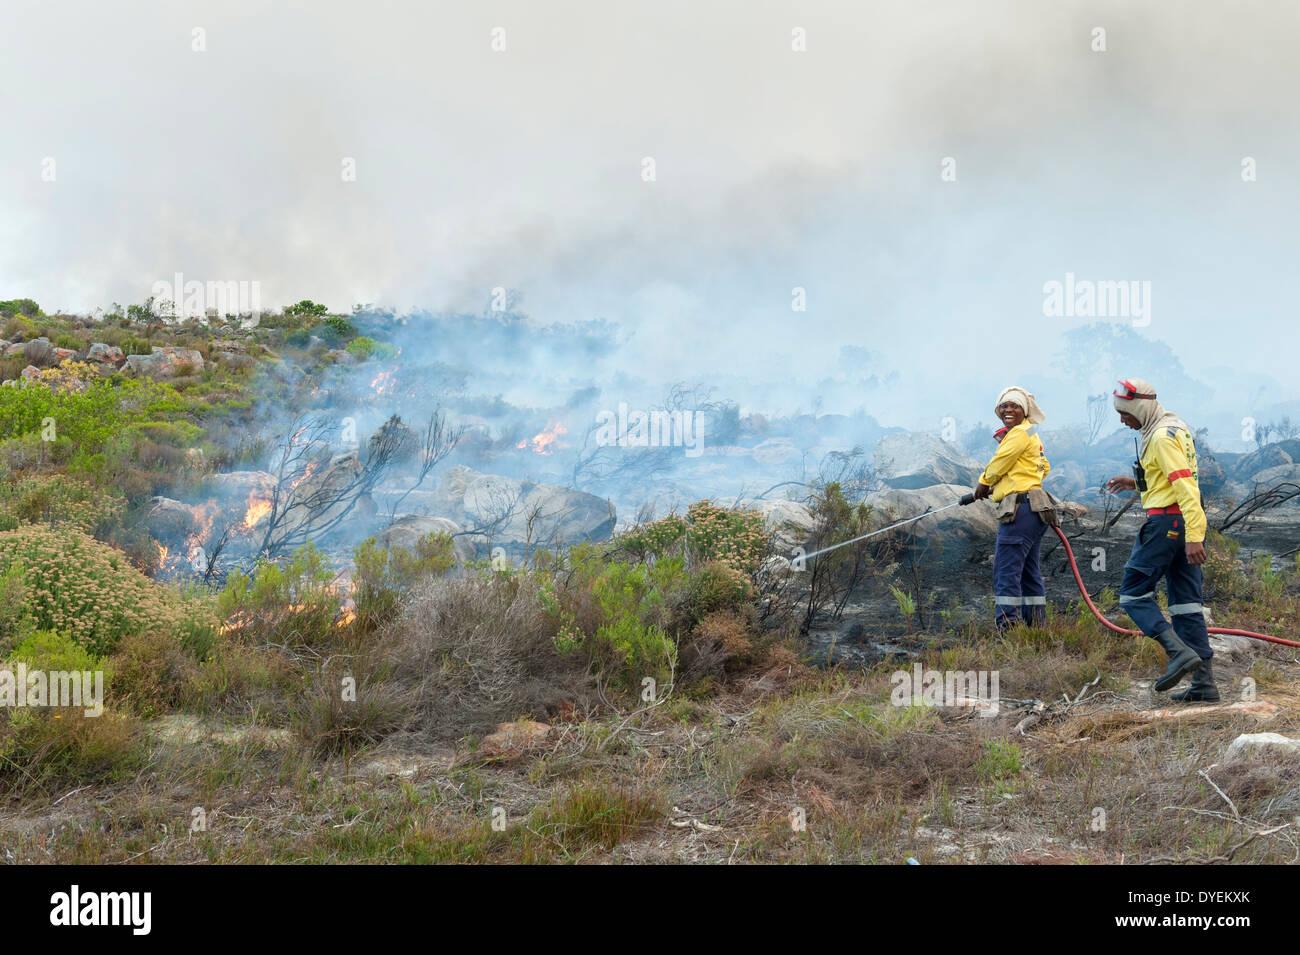 Feuerwehrmann Übungen kontrolliert Brennen der Vegetation, um neues Wachstum, Kap-Halbinsel, Western Cape, Südafrika zu stimulieren Stockbild